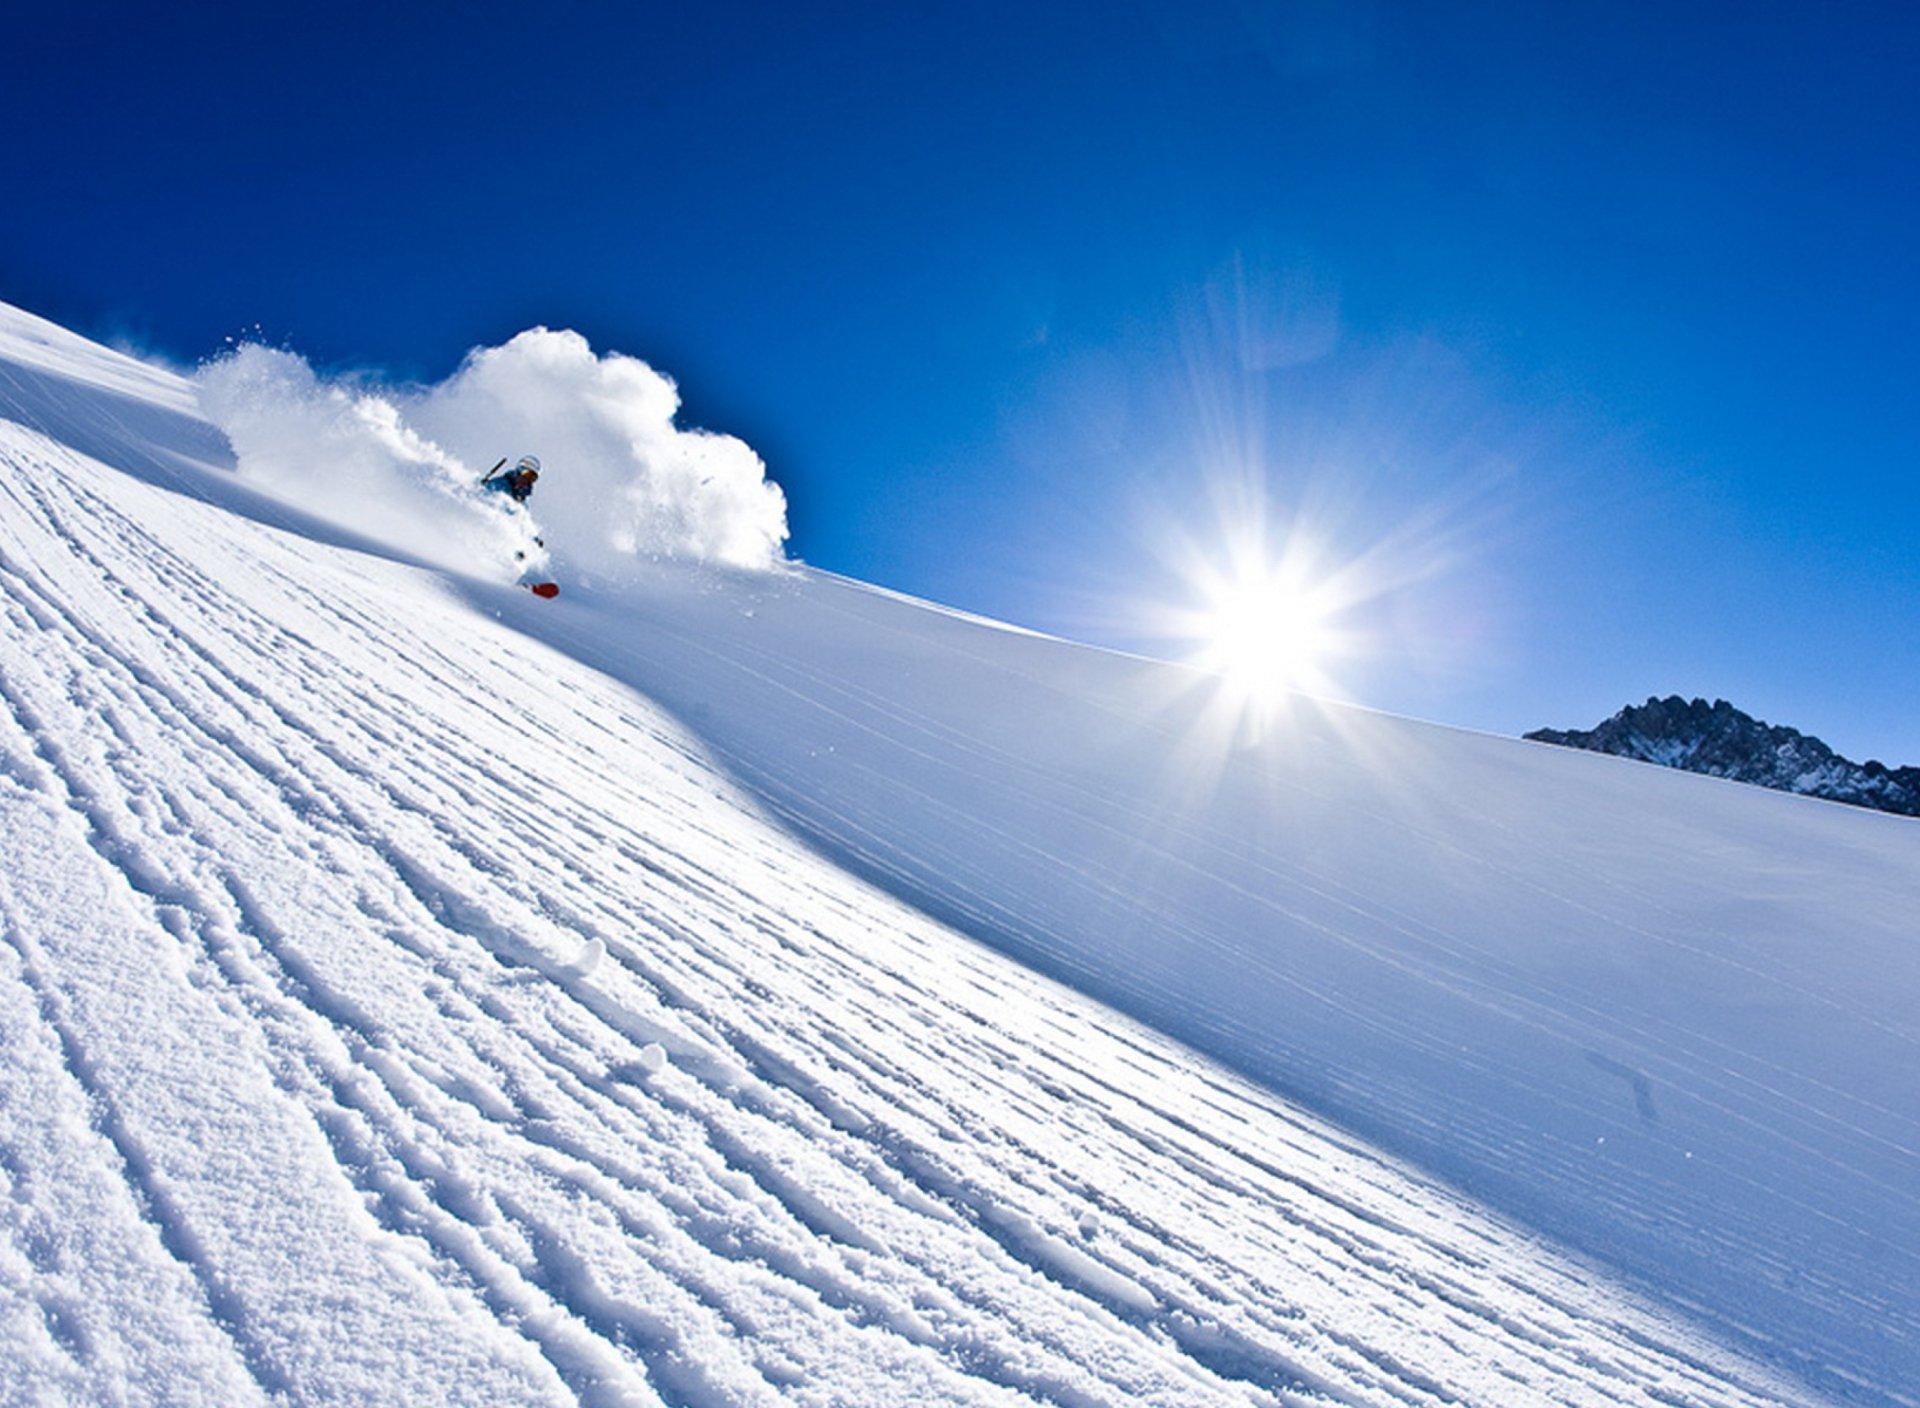 Skiing winter snow ski mountains wallpaper 1920x1408 - Ski wallpaper ...